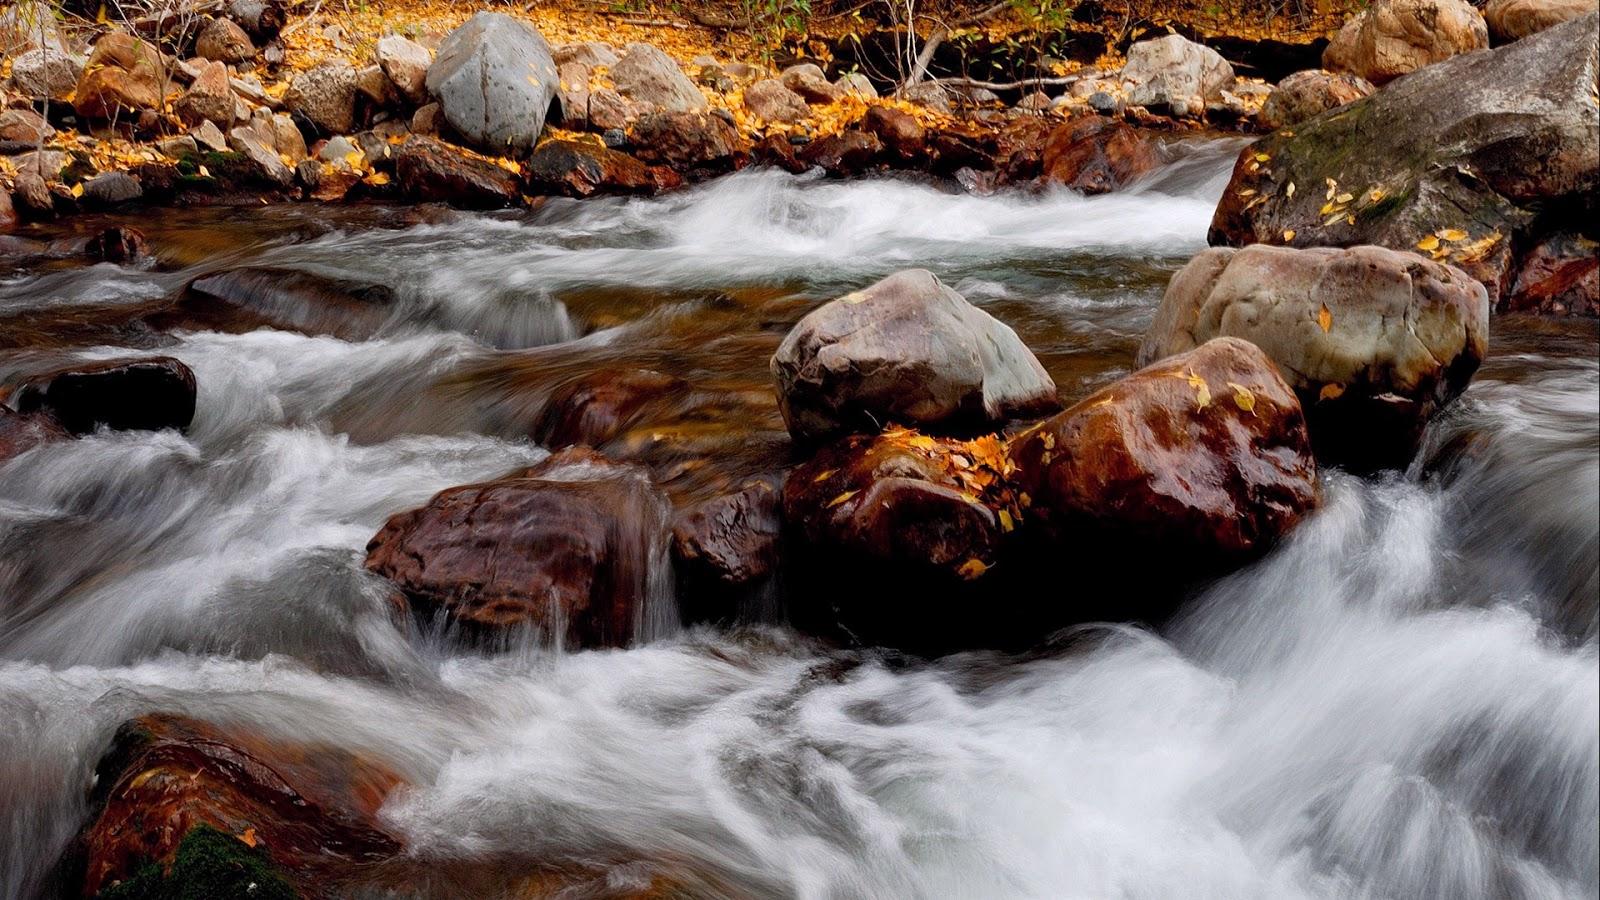 Desktop wallpaper met een landschap met rivier in de herfst met rotsen